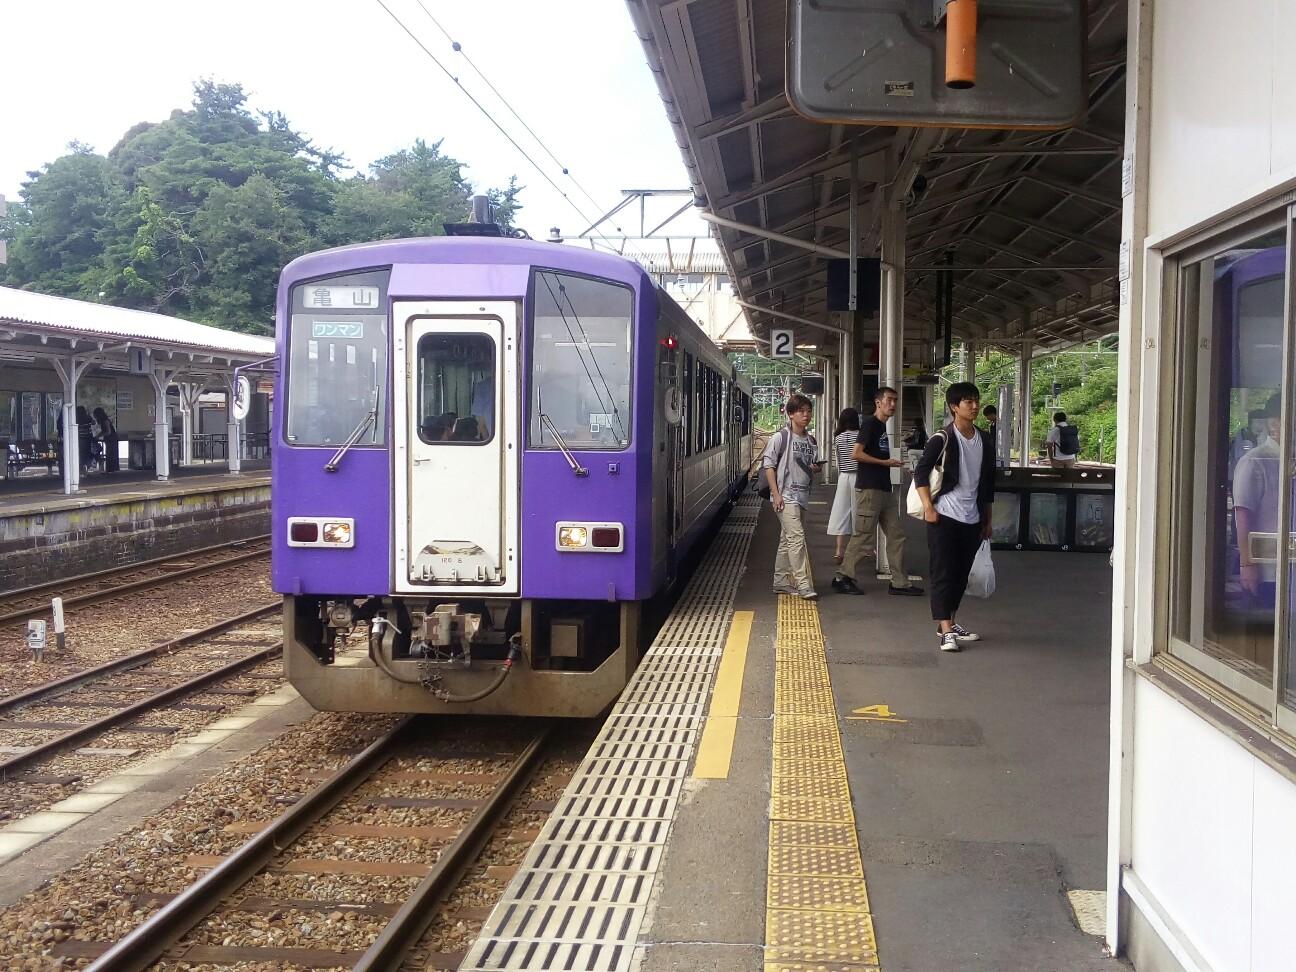 f:id:Osakaloopline:20171009015726j:image